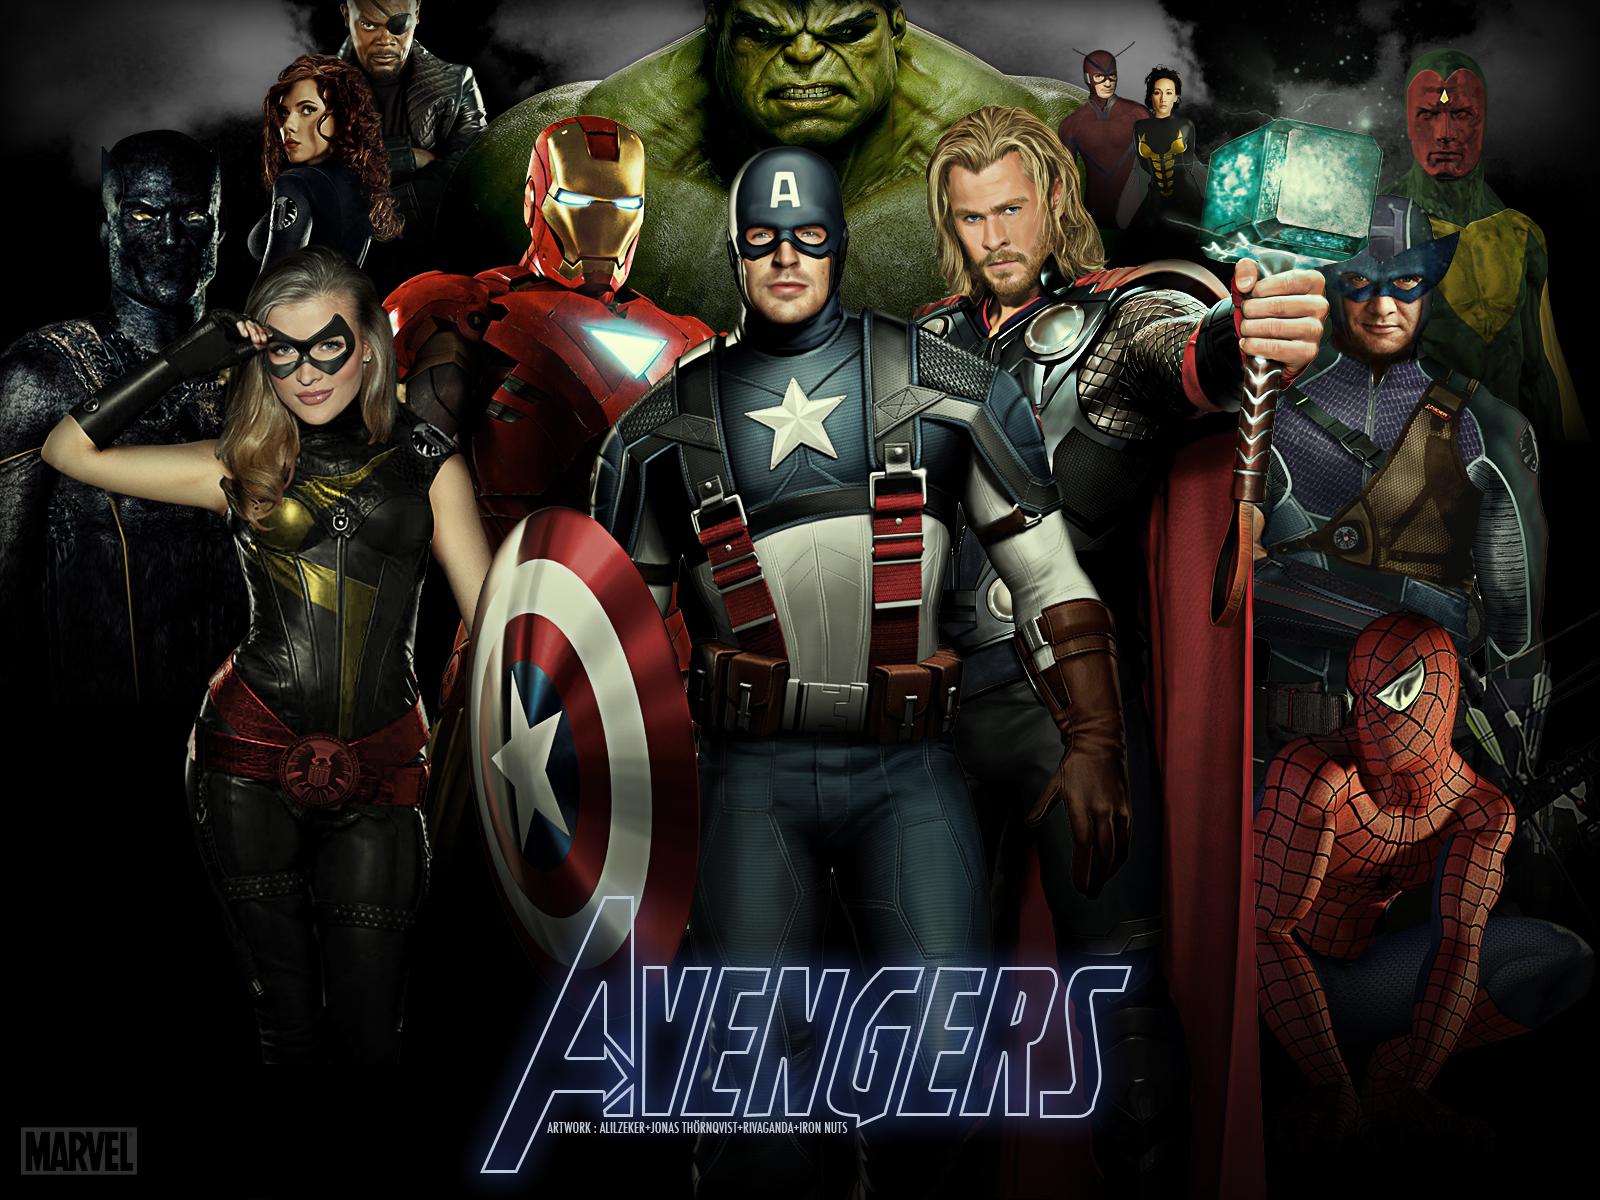 http://1.bp.blogspot.com/-reGfnJQoUfs/T6vwOGEE9NI/AAAAAAAAAZs/BbmqalwrIDQ/s1600/The-Avengers-Wallpaper.jpg